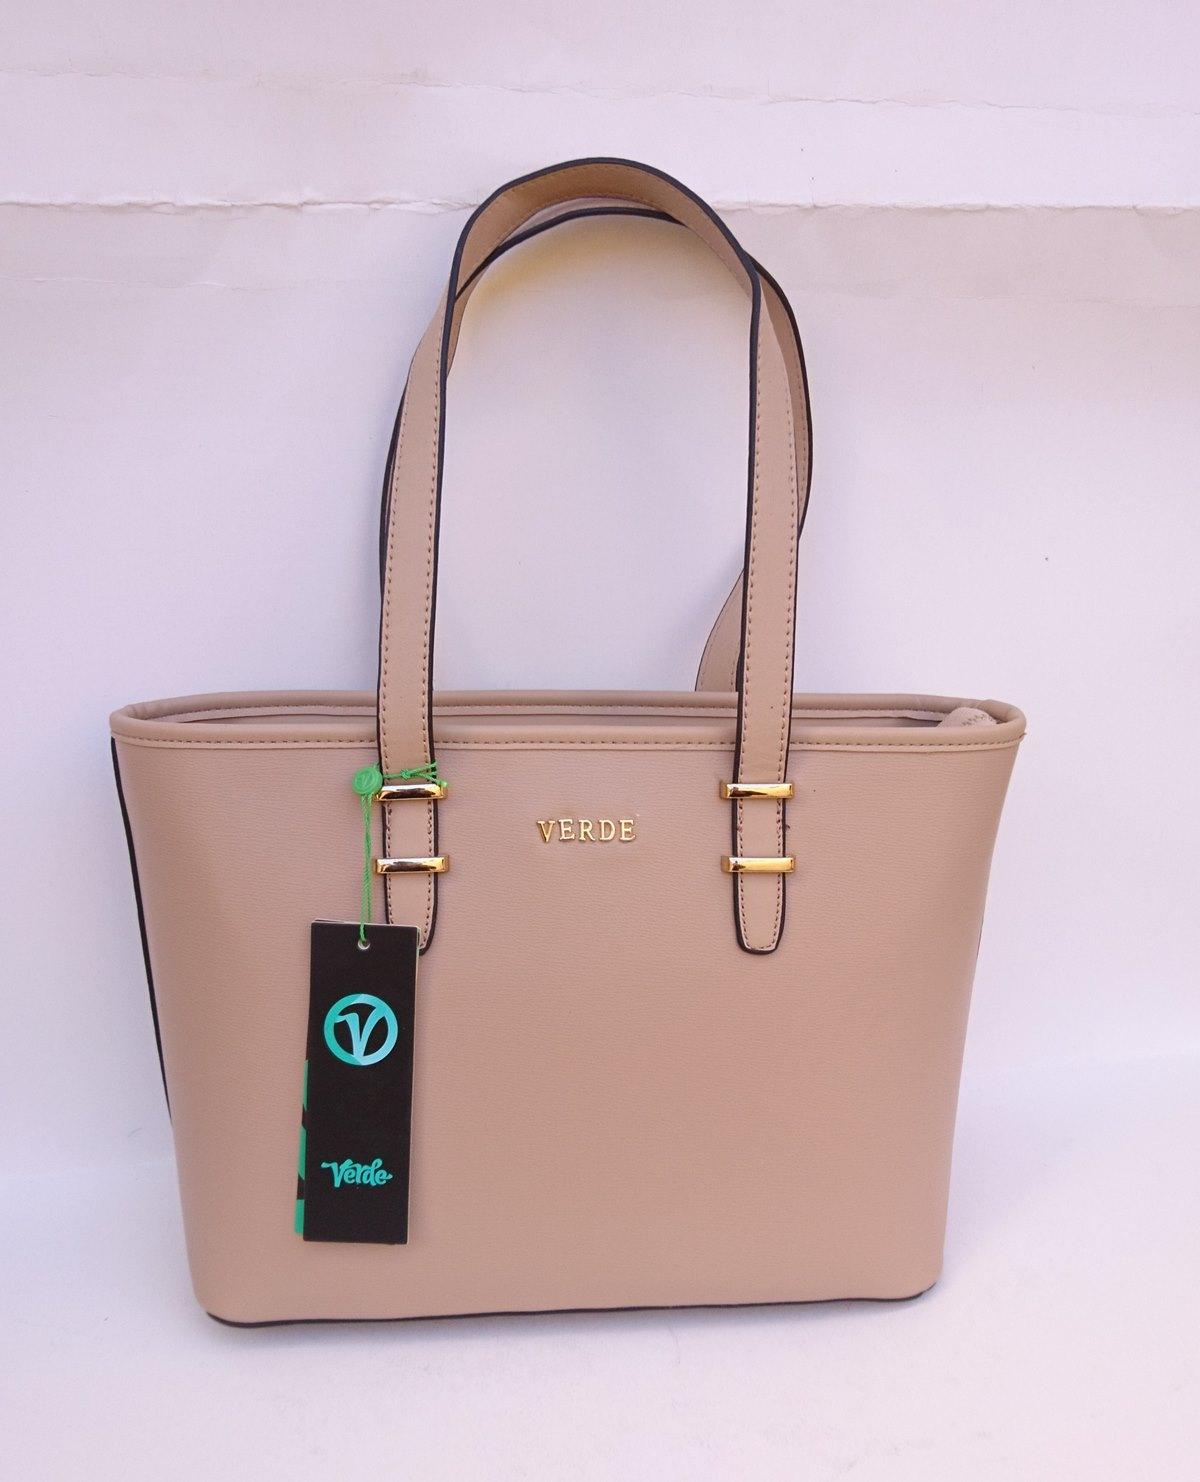 Γυναικεία τσάντα ώμου VERDE 16-0004999 μπεζ